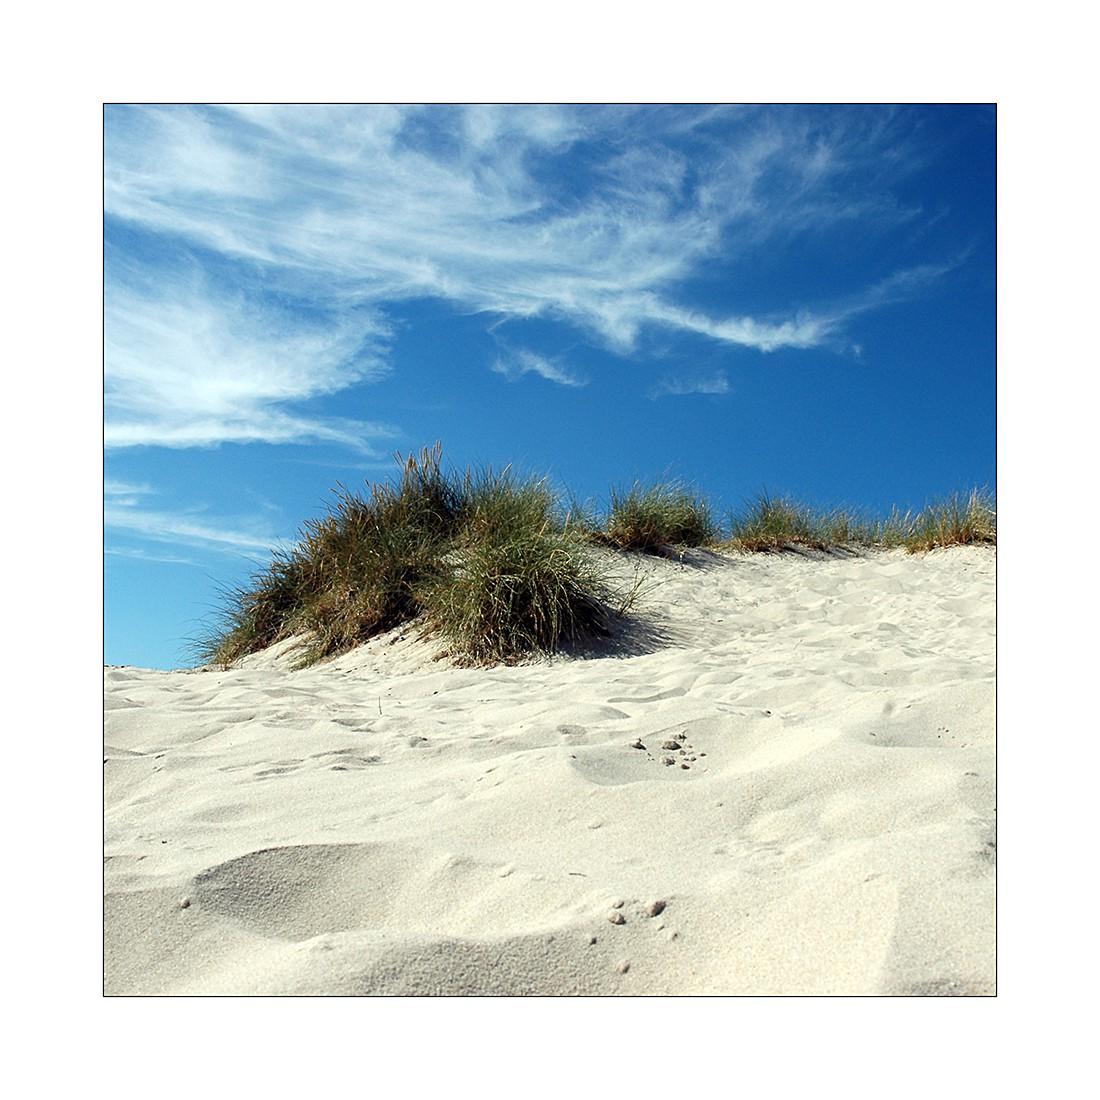 Afbeelding Summer Breeze II - 20x20cm, Pro Art